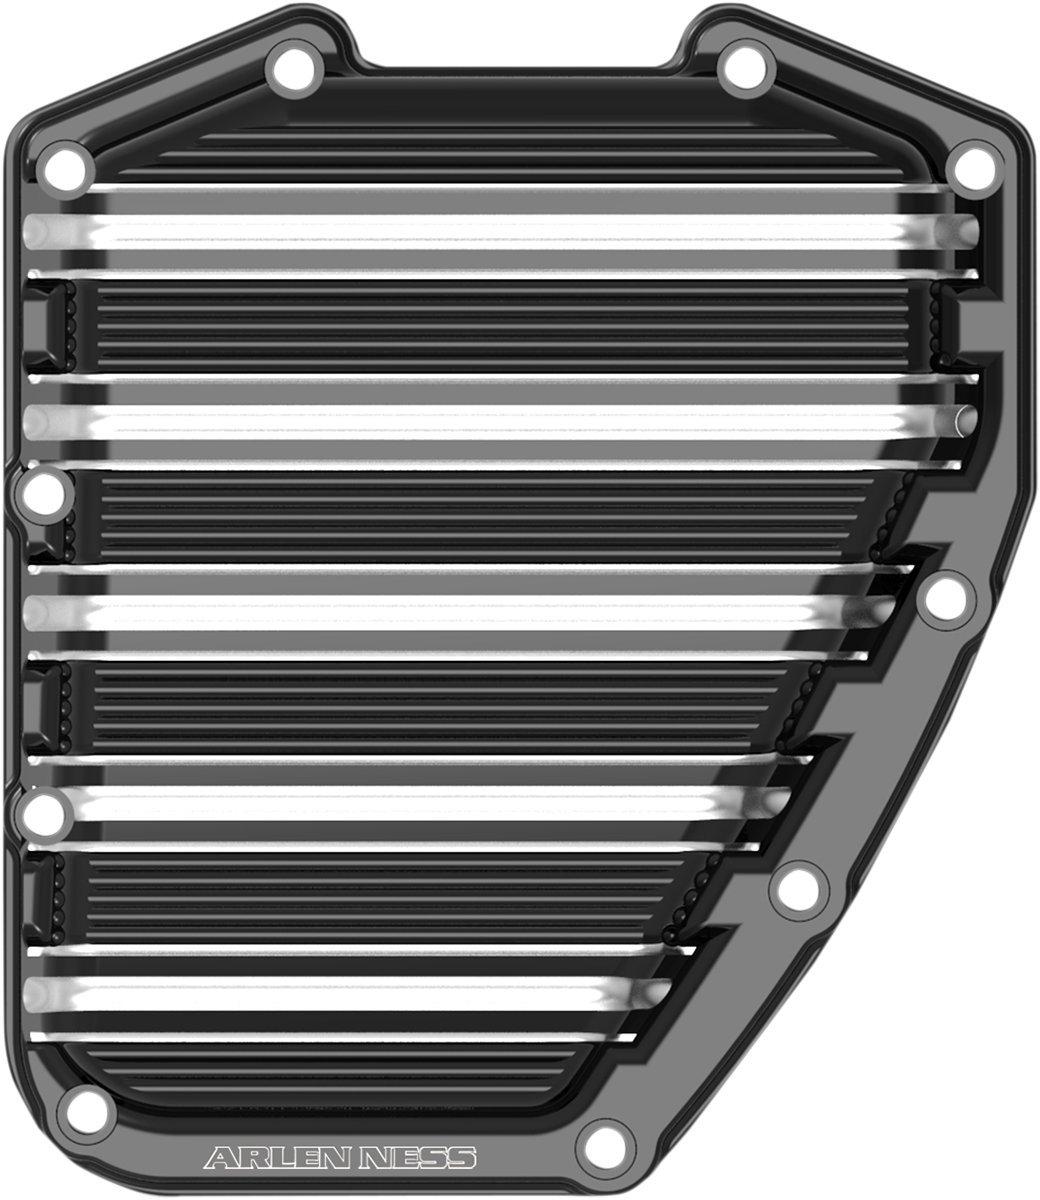 ARLEN NESS(アレンネス)03-963 10ゲージ カム カバー 01年以降ツインカム ブラック ハーレーパーツ 並行輸入品 0940-1344   B014GW5SWC